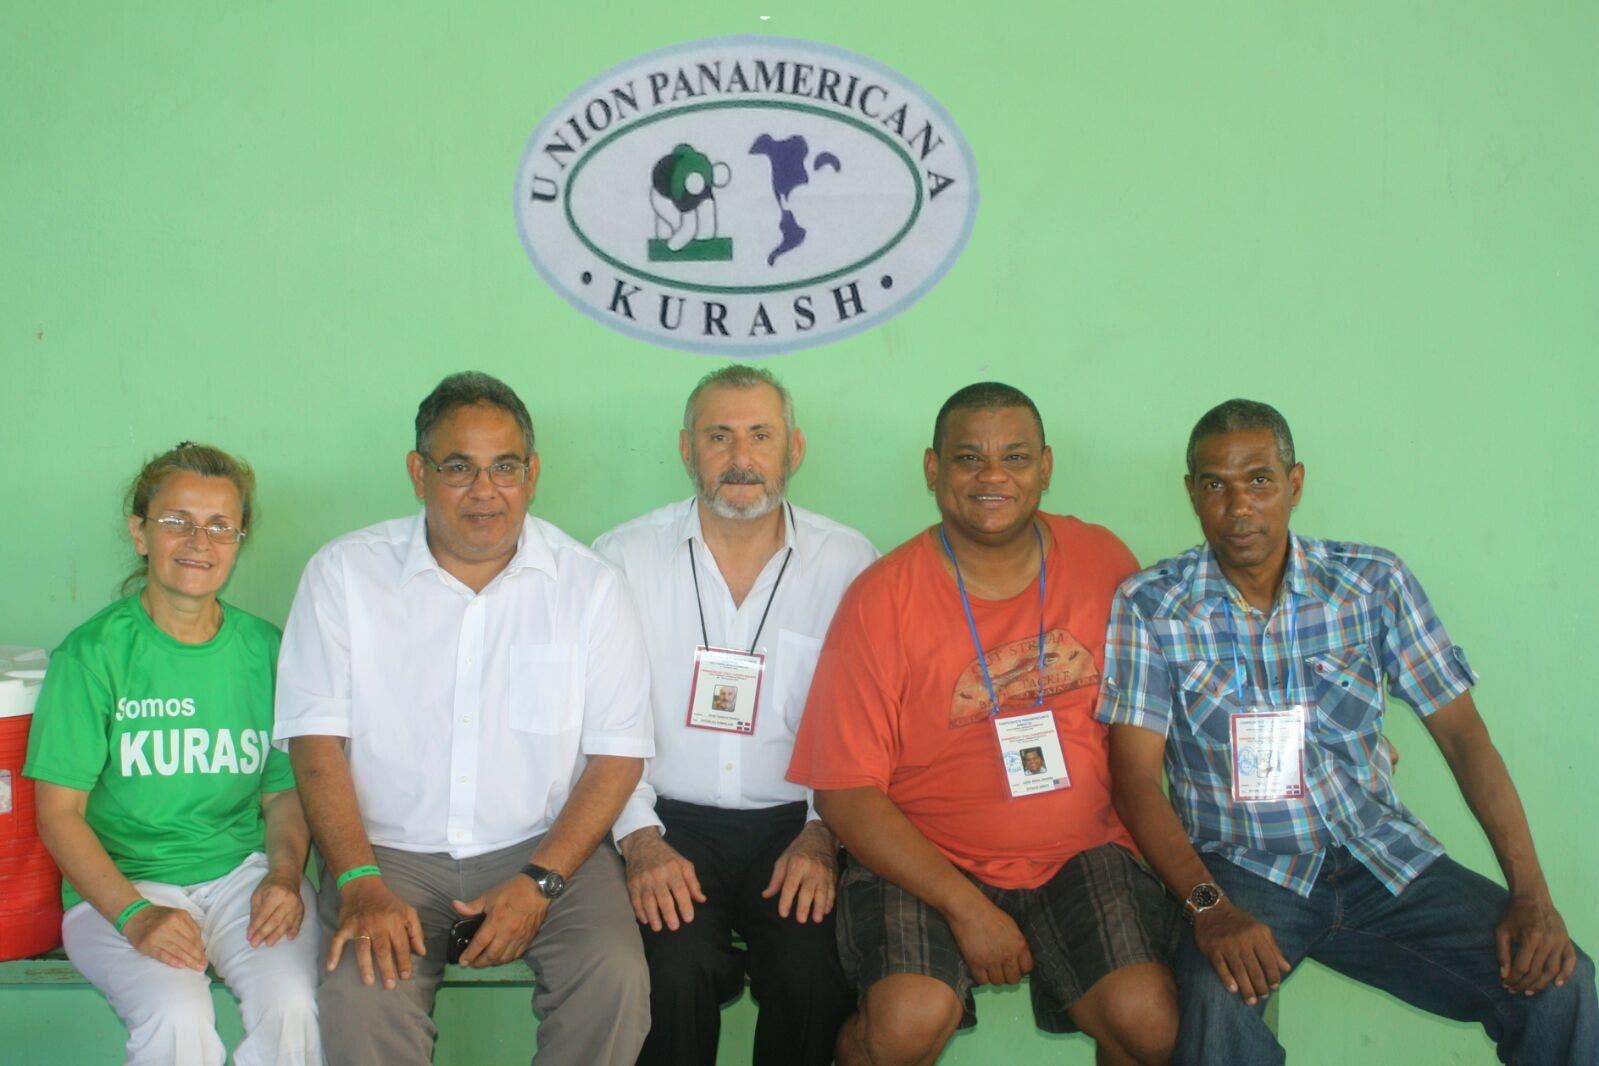 El comité ejecutivo de la Unión Panamericana de Kurash.